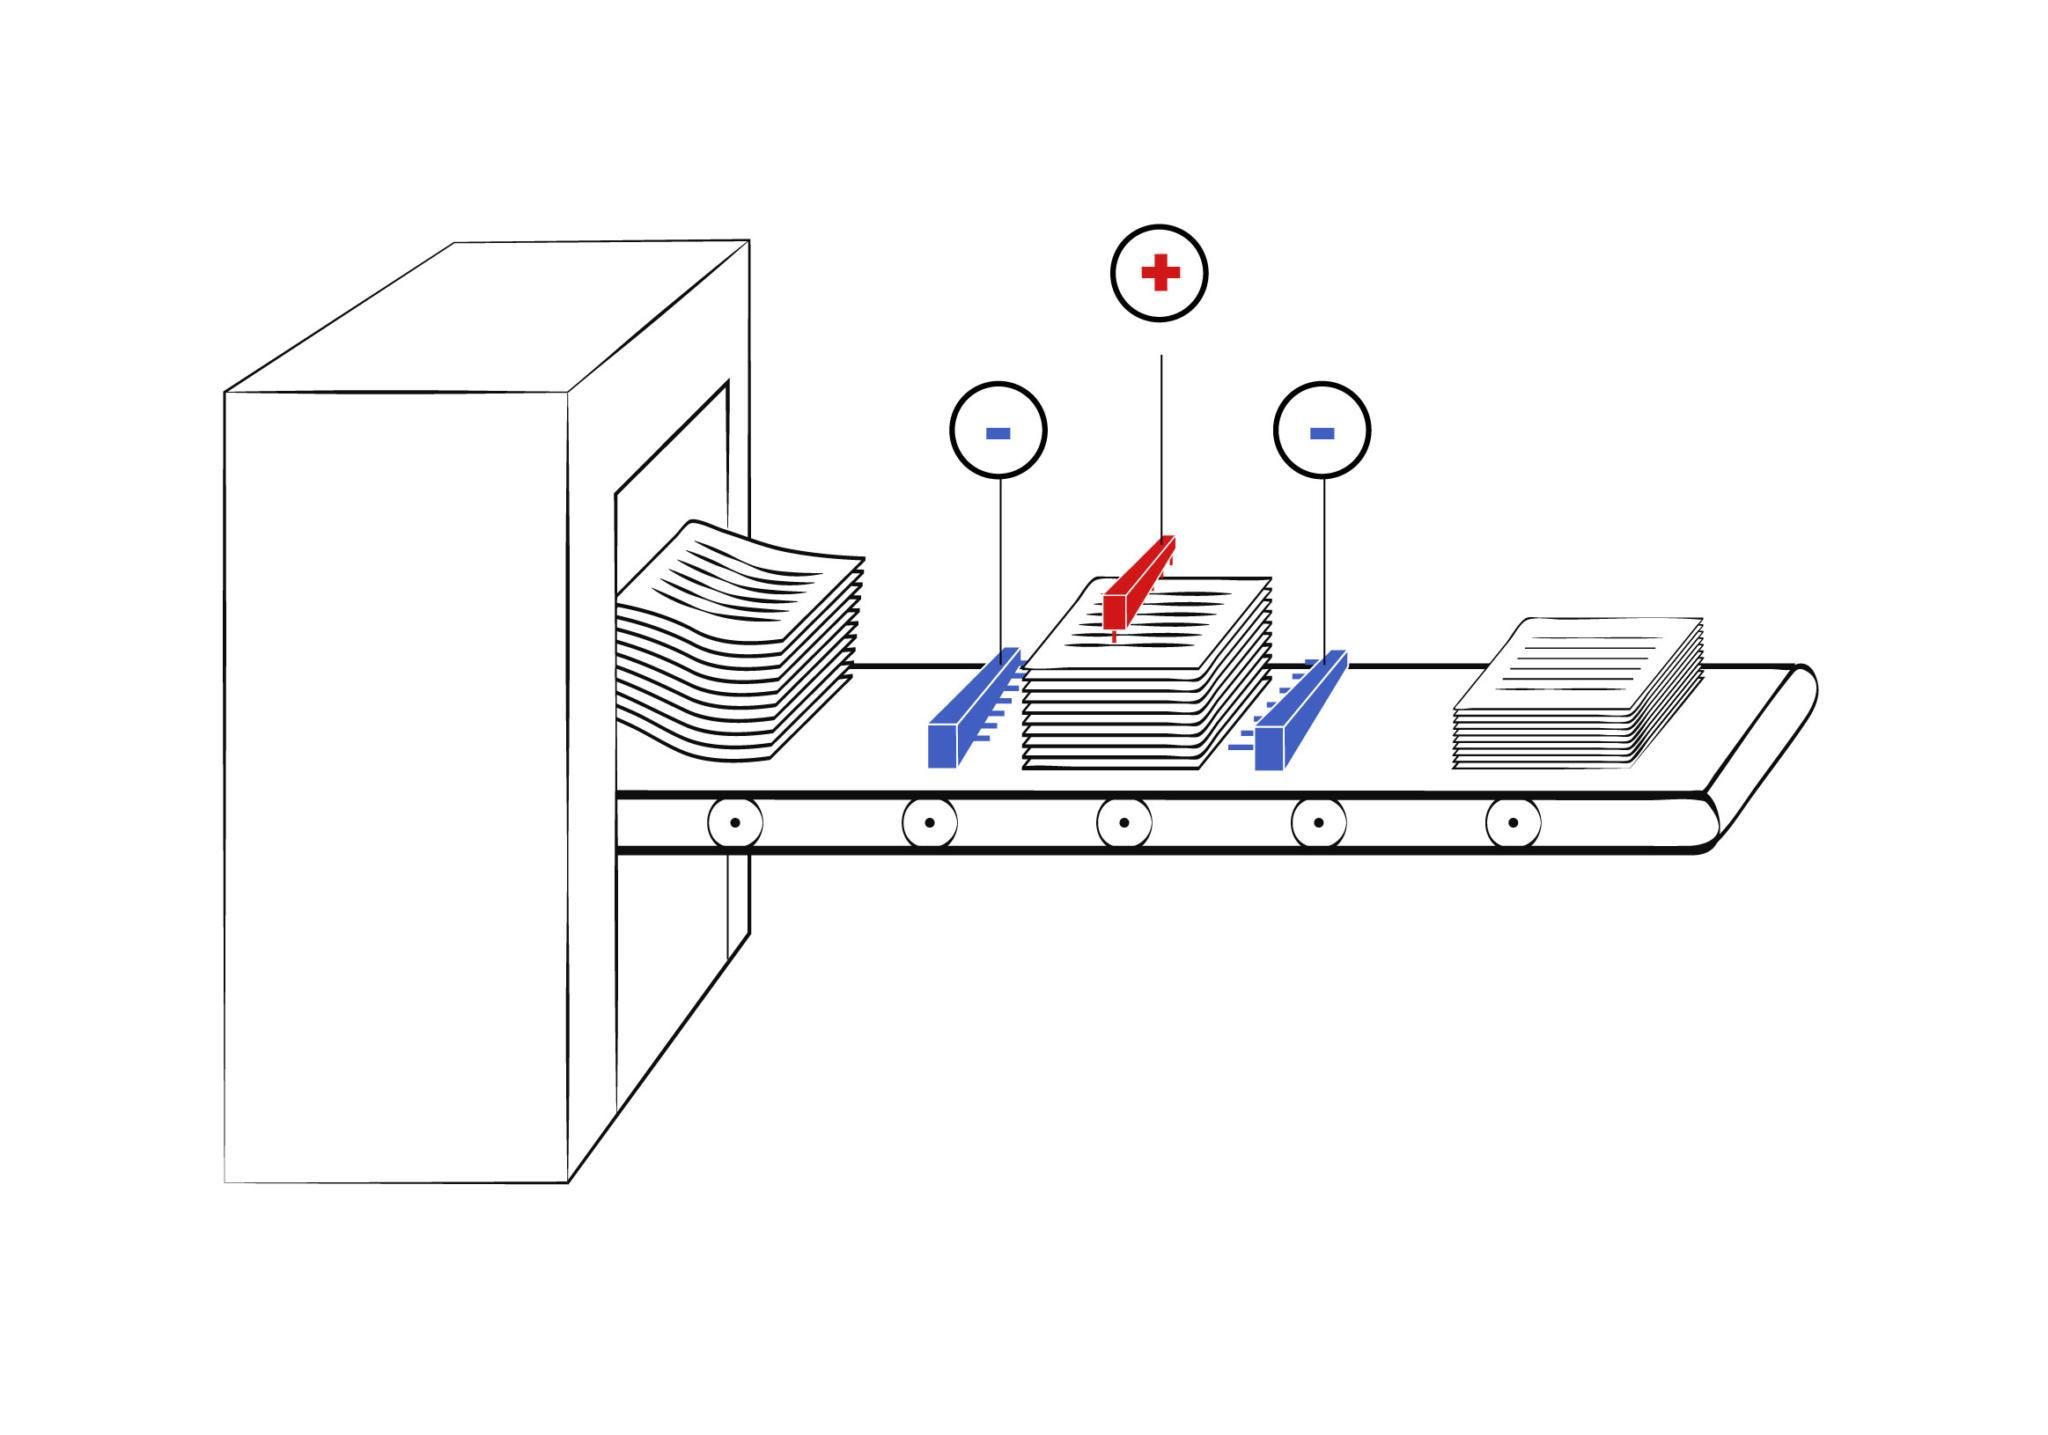 elettromeccanica bonato compattamento riviste - packaging